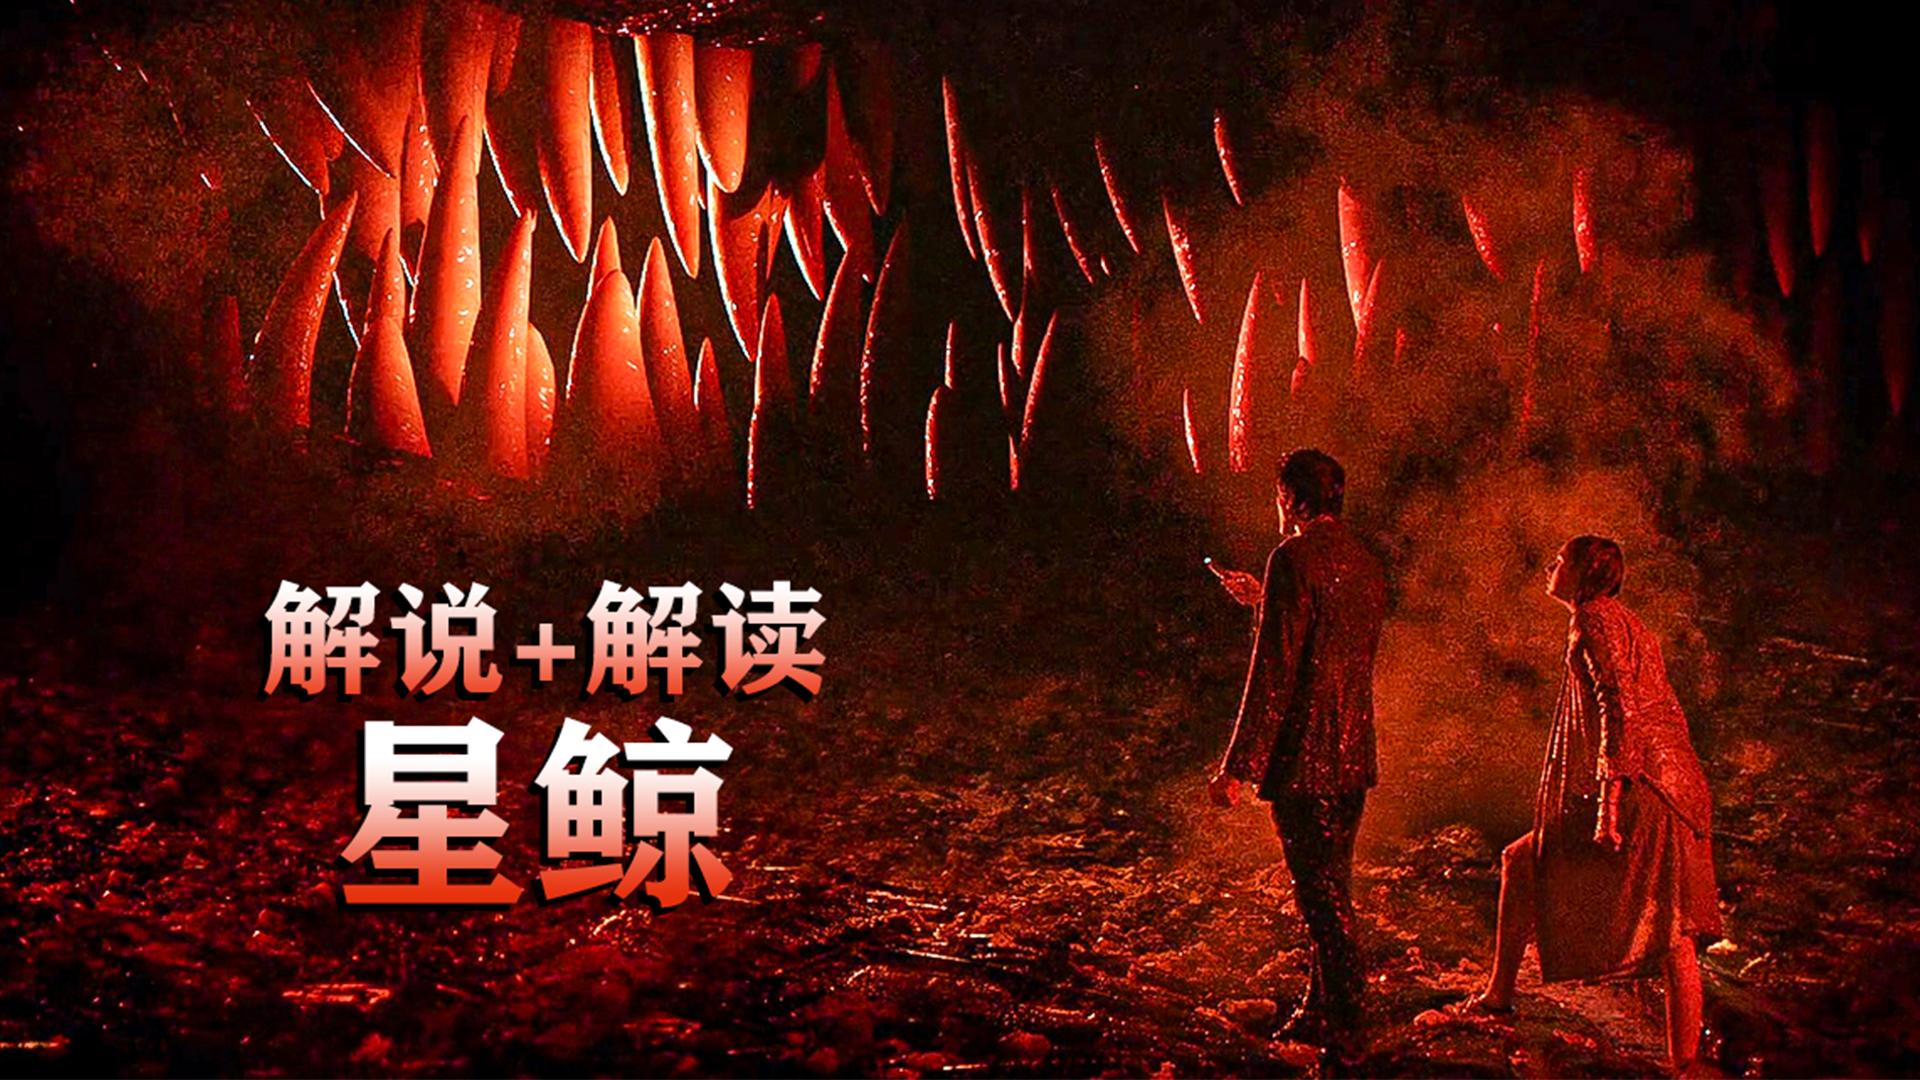 【史蒂芬周】城市深处潜伏巨大怪物,揭露令人不耻的人性。《神秘博士》S05E02讲解+梳理。